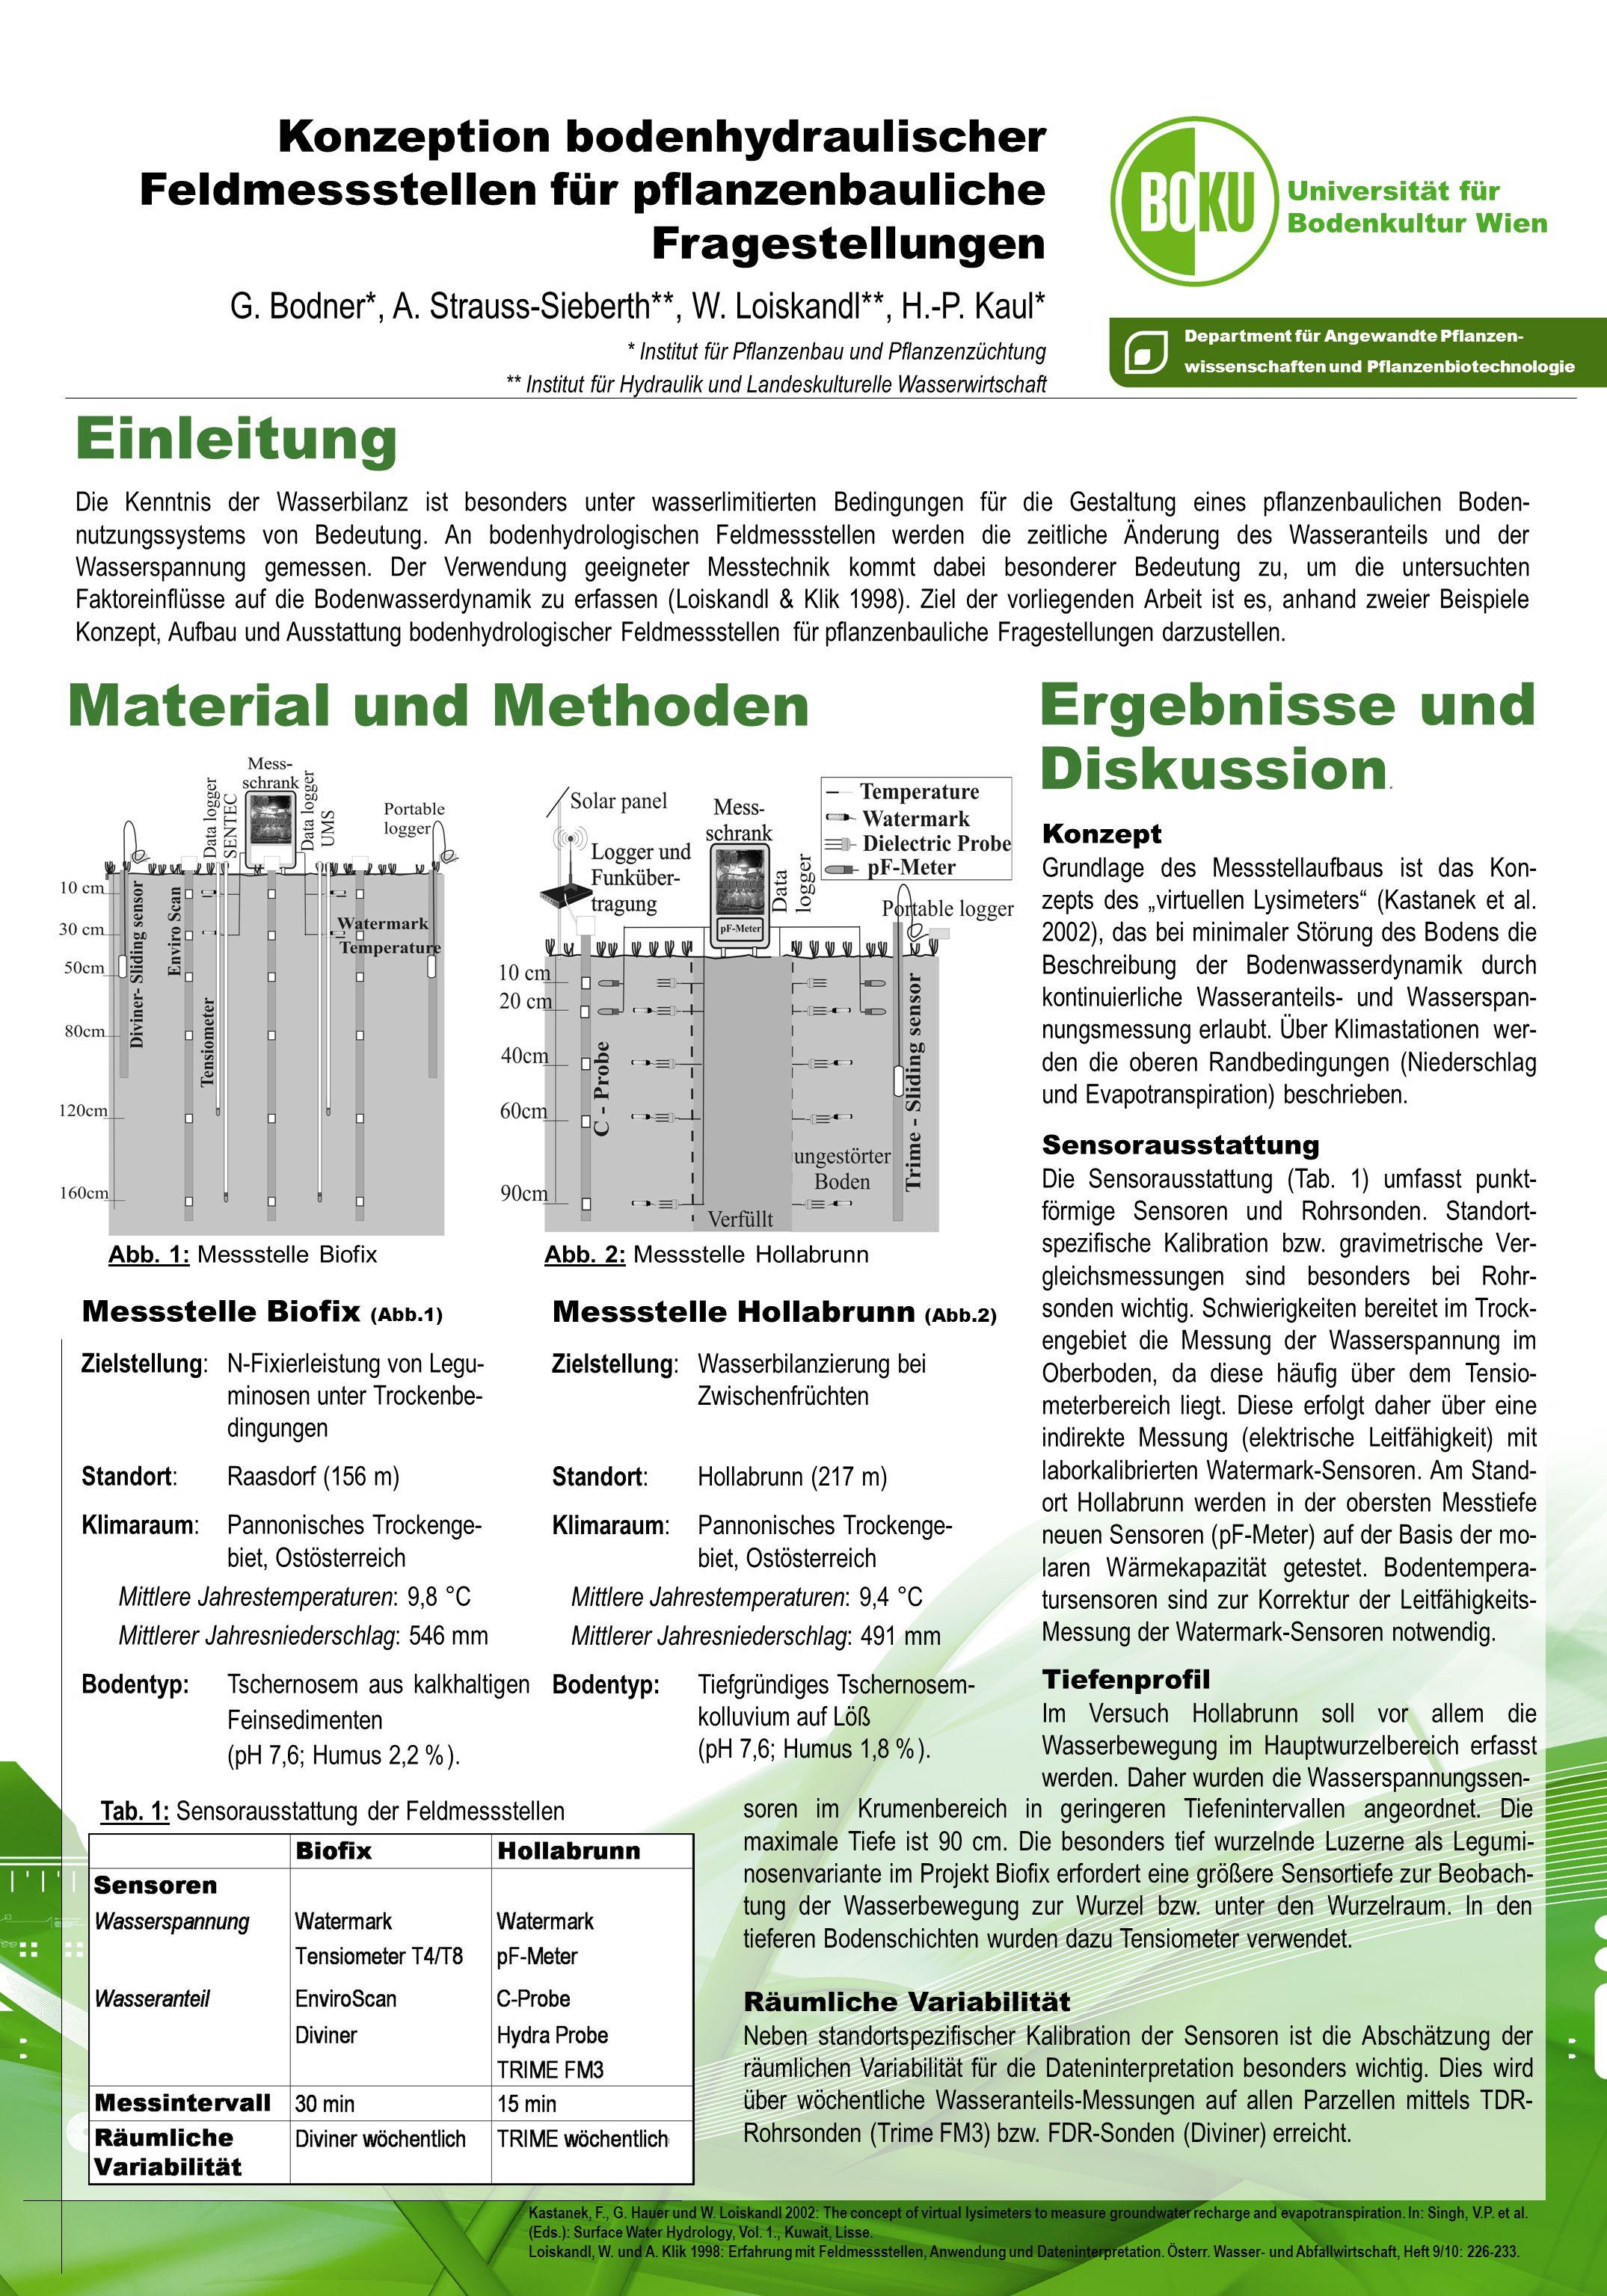 Department für Angewandte Pflanzen- wissenschaften und Pflanzenbiotechnologie Universität für Bodenkultur Wien Konzeption bodenhydraulischer Feldmessstellen für pflanzenbauliche Fragestellungen G.